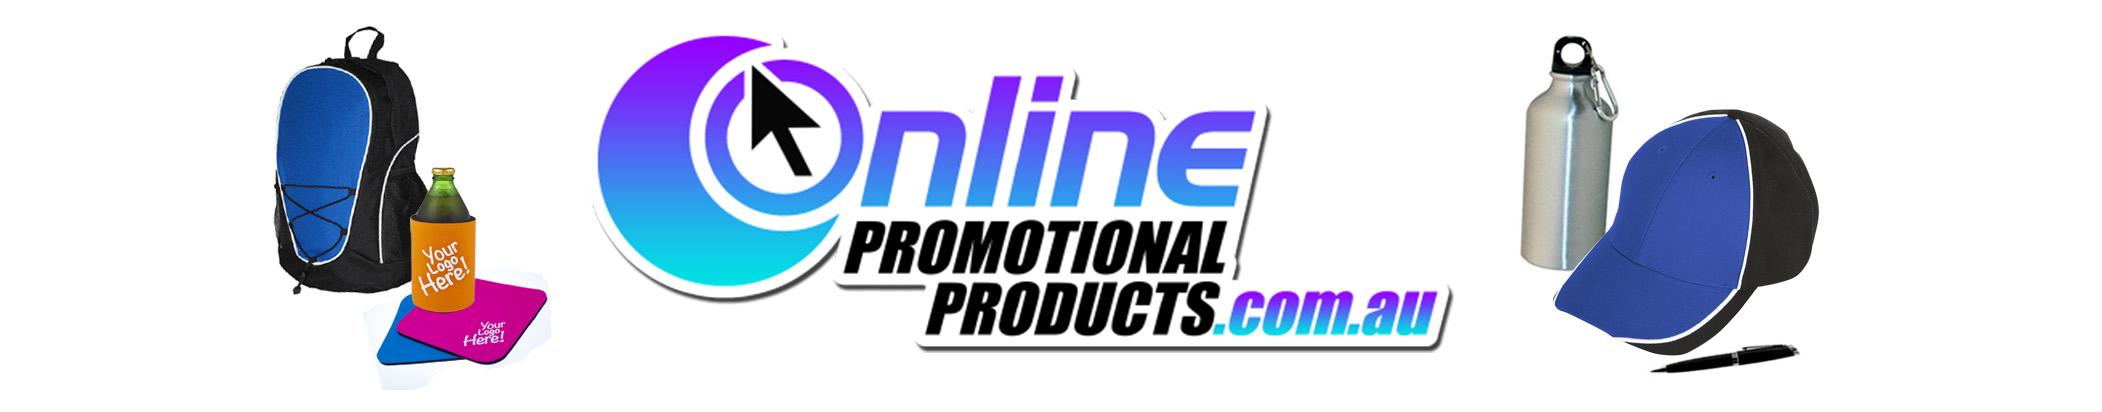 online-promo1.jpg